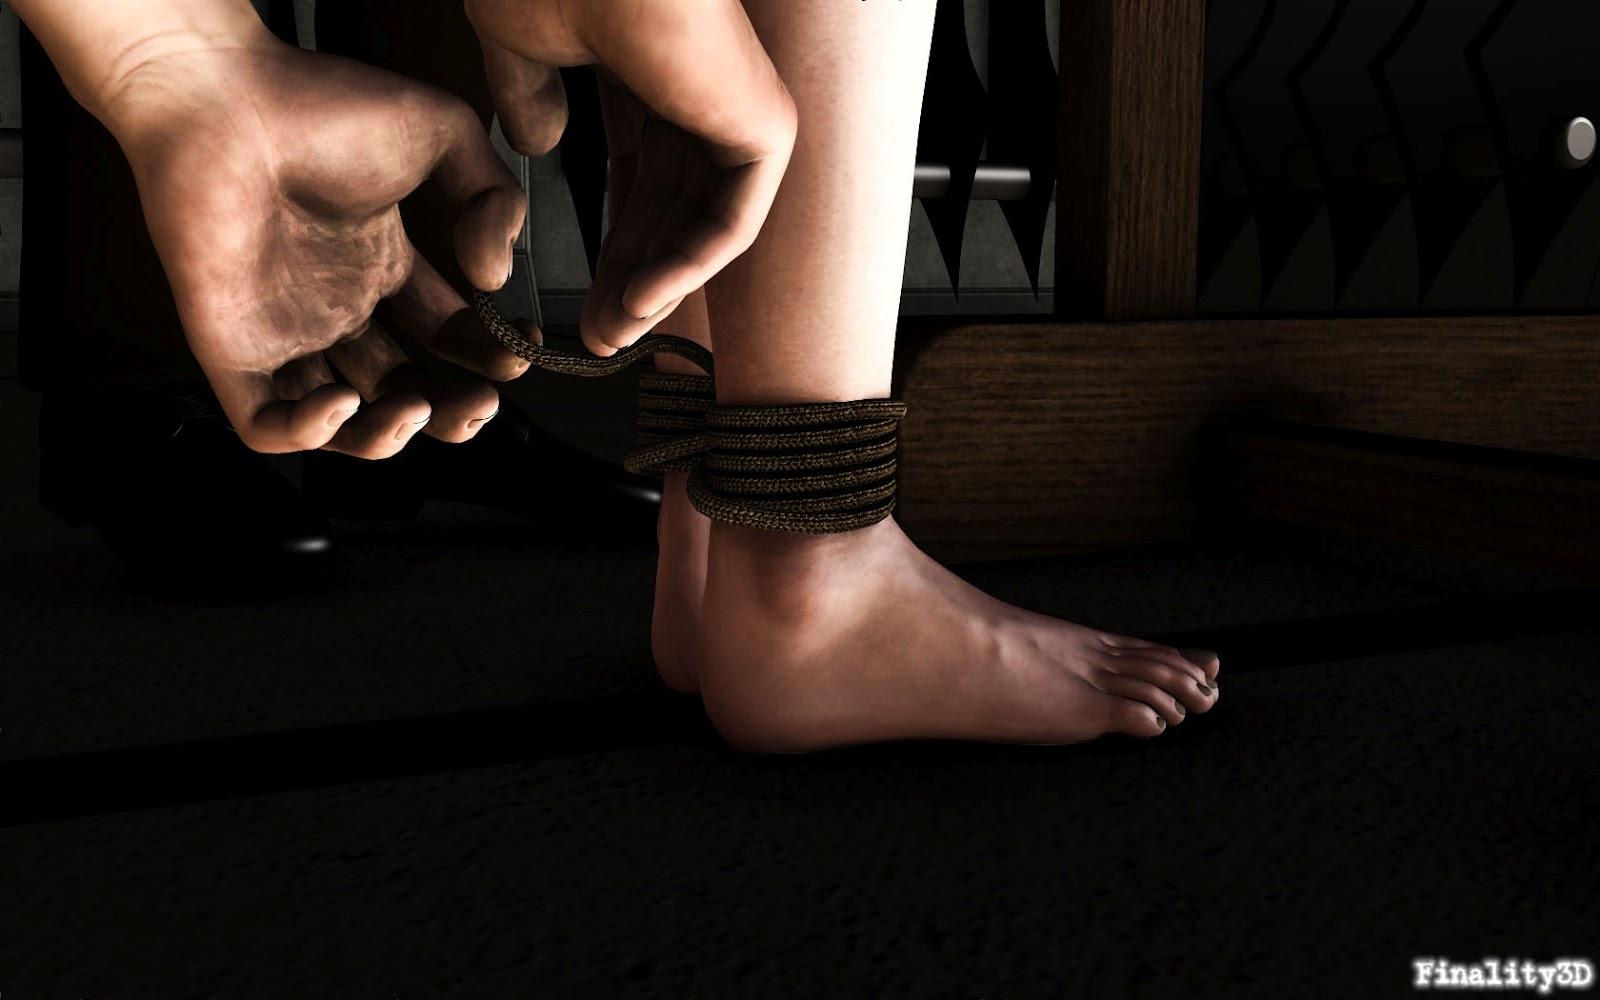 Execution erotic fantasy sexy videos